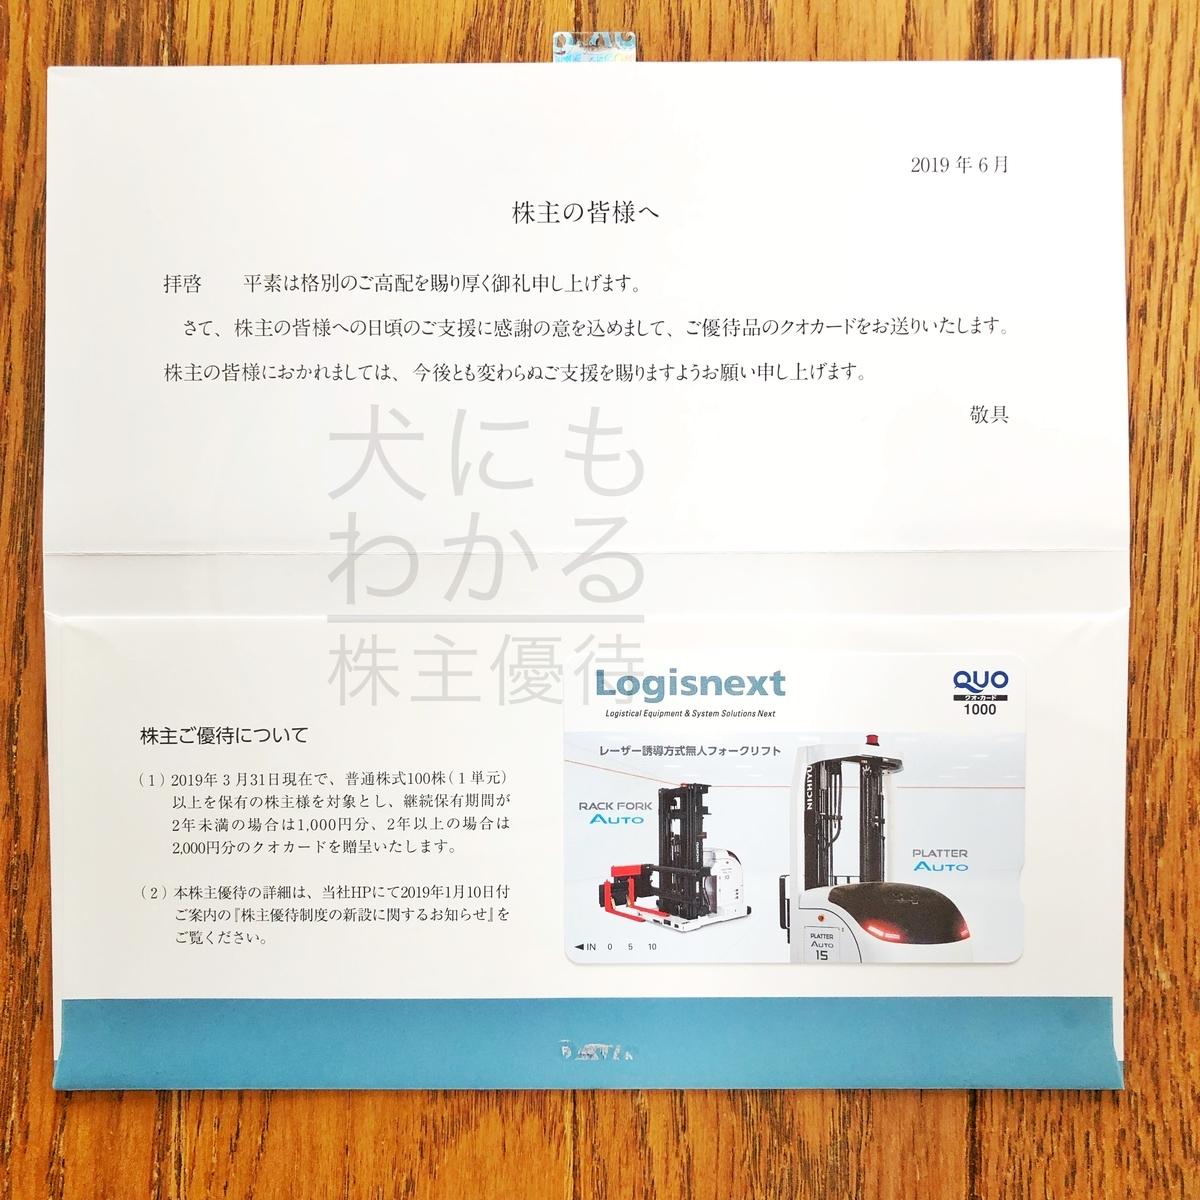 三菱ロジスネクスト株式会社 株主優待品